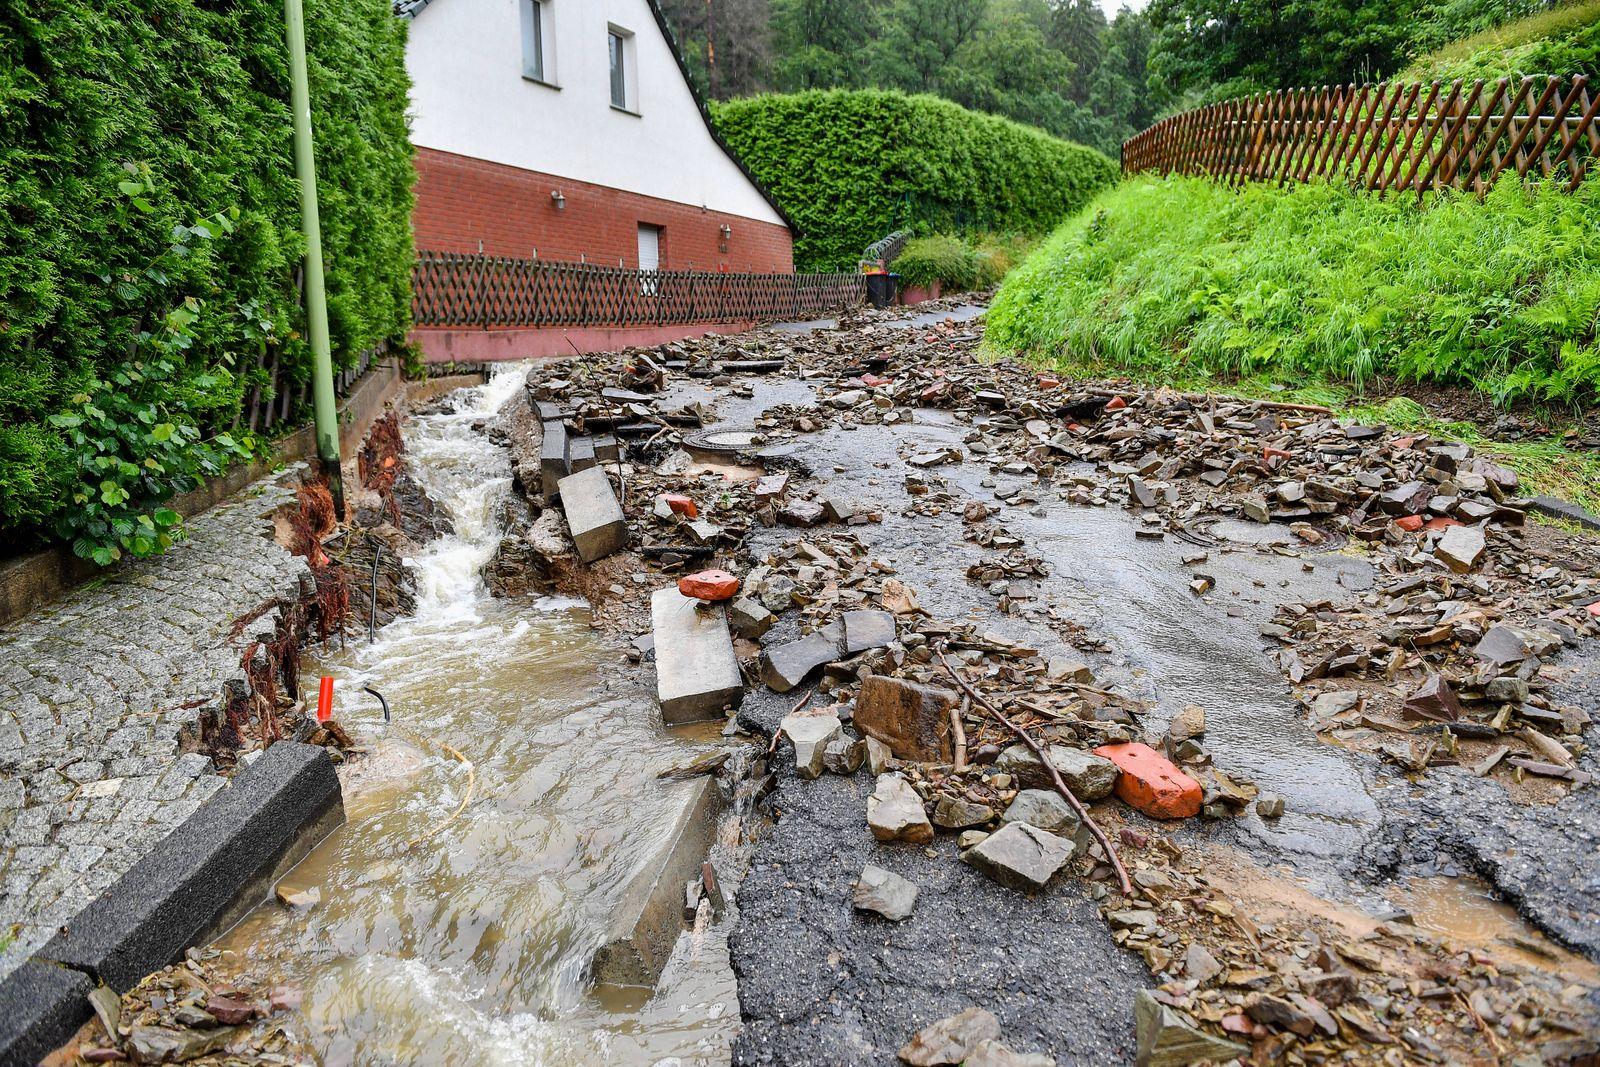 Unwetter in Hagen, Unwetter in Hagen, Nach starken Regenfällen in der Nacht zum 14.07.2021 stehen grosse Teile von Hagen